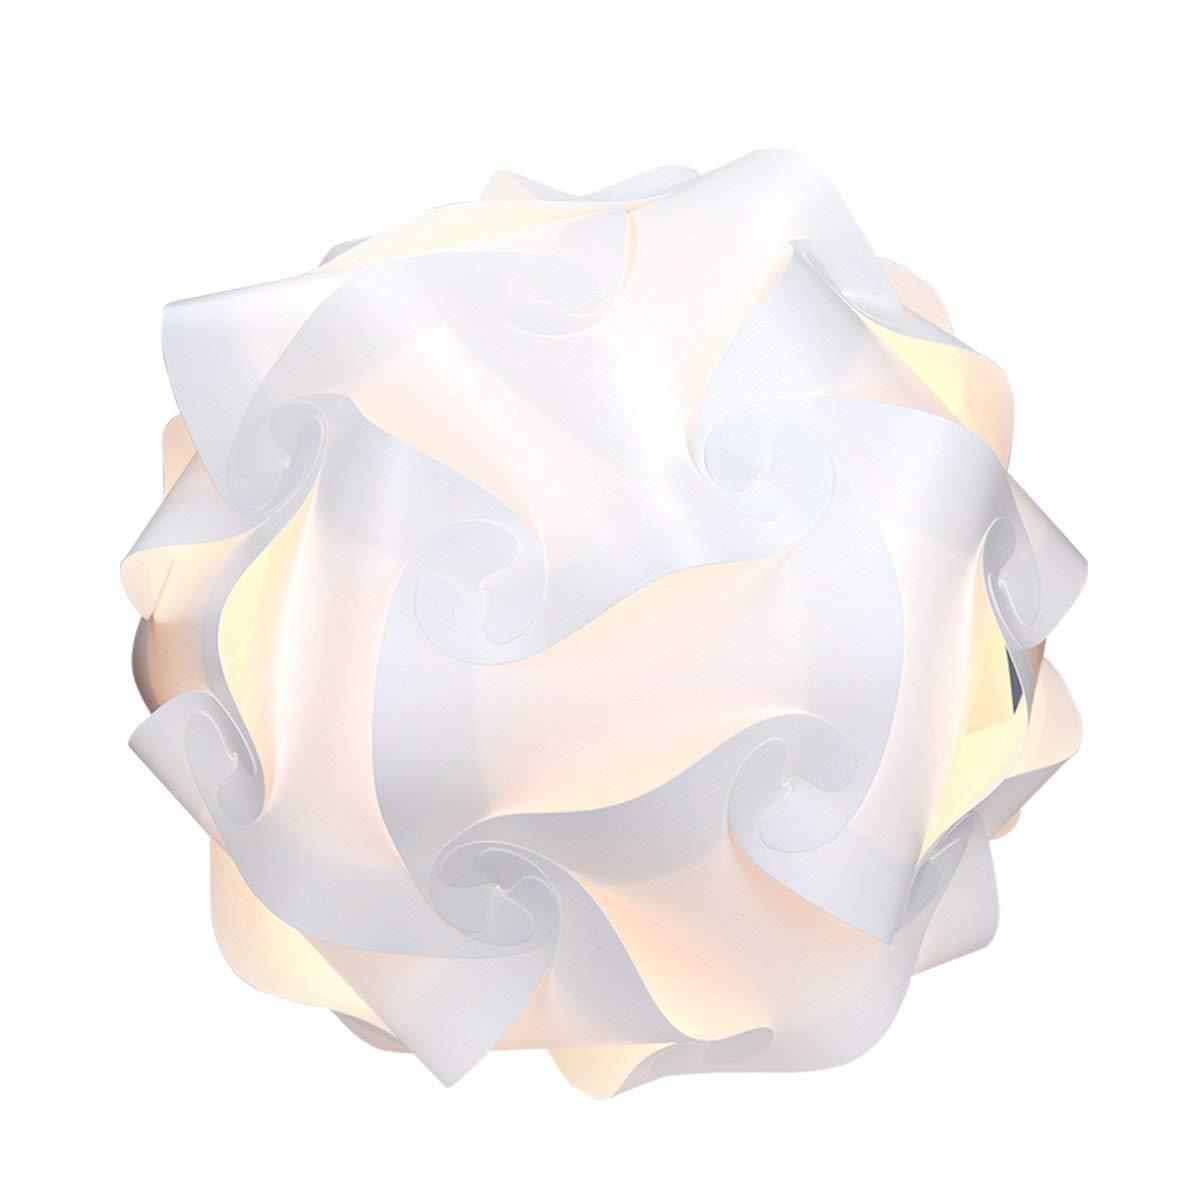 YUENSLIGHTING Éclairage de lampe blanche (kit de bricolage en paquet plat) pour lampes pendantes pour plafond Stores, planchers, lampes de table Abat-jours, 16 po / 40 cm de diamètre (après assemblage) Lampshade Light Kits [Classe énergétique A+]